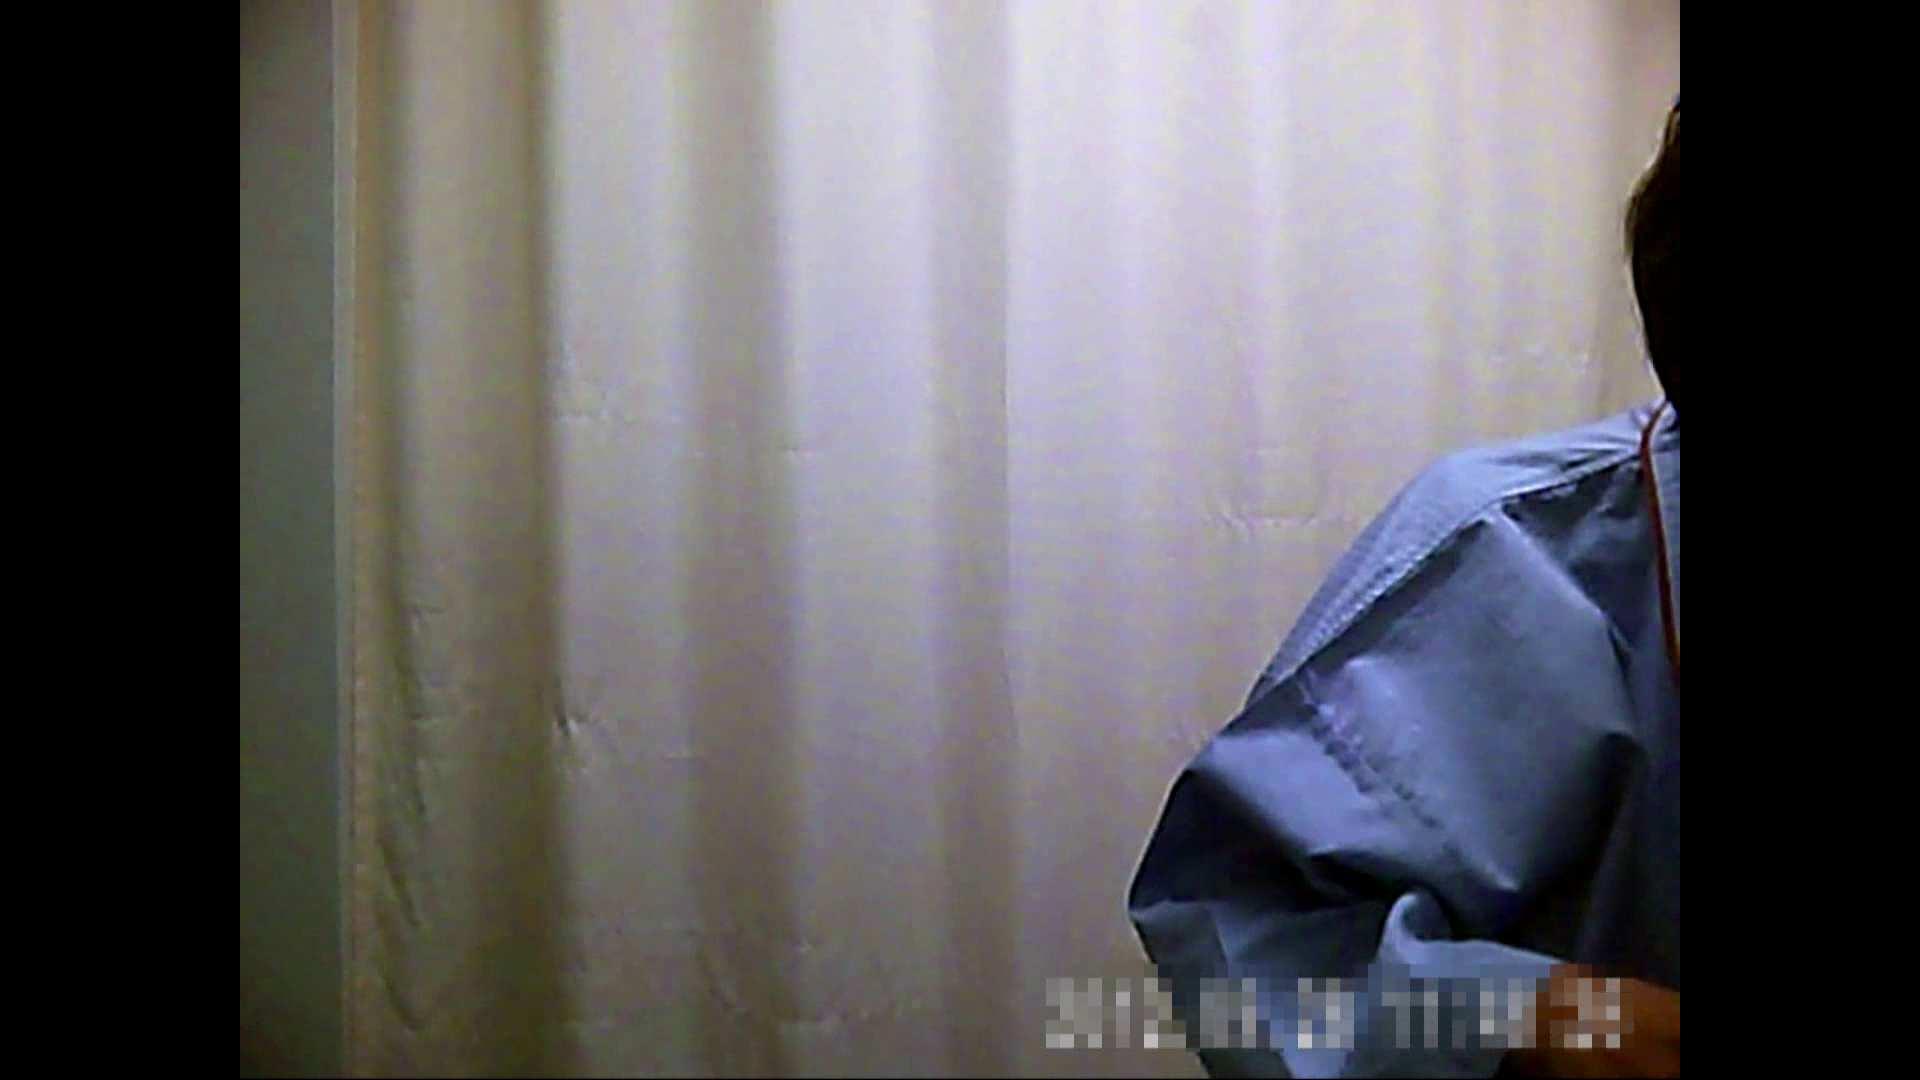 元医者による反抗 更衣室地獄絵巻 vol.072 OLの実態   0  89pic 3